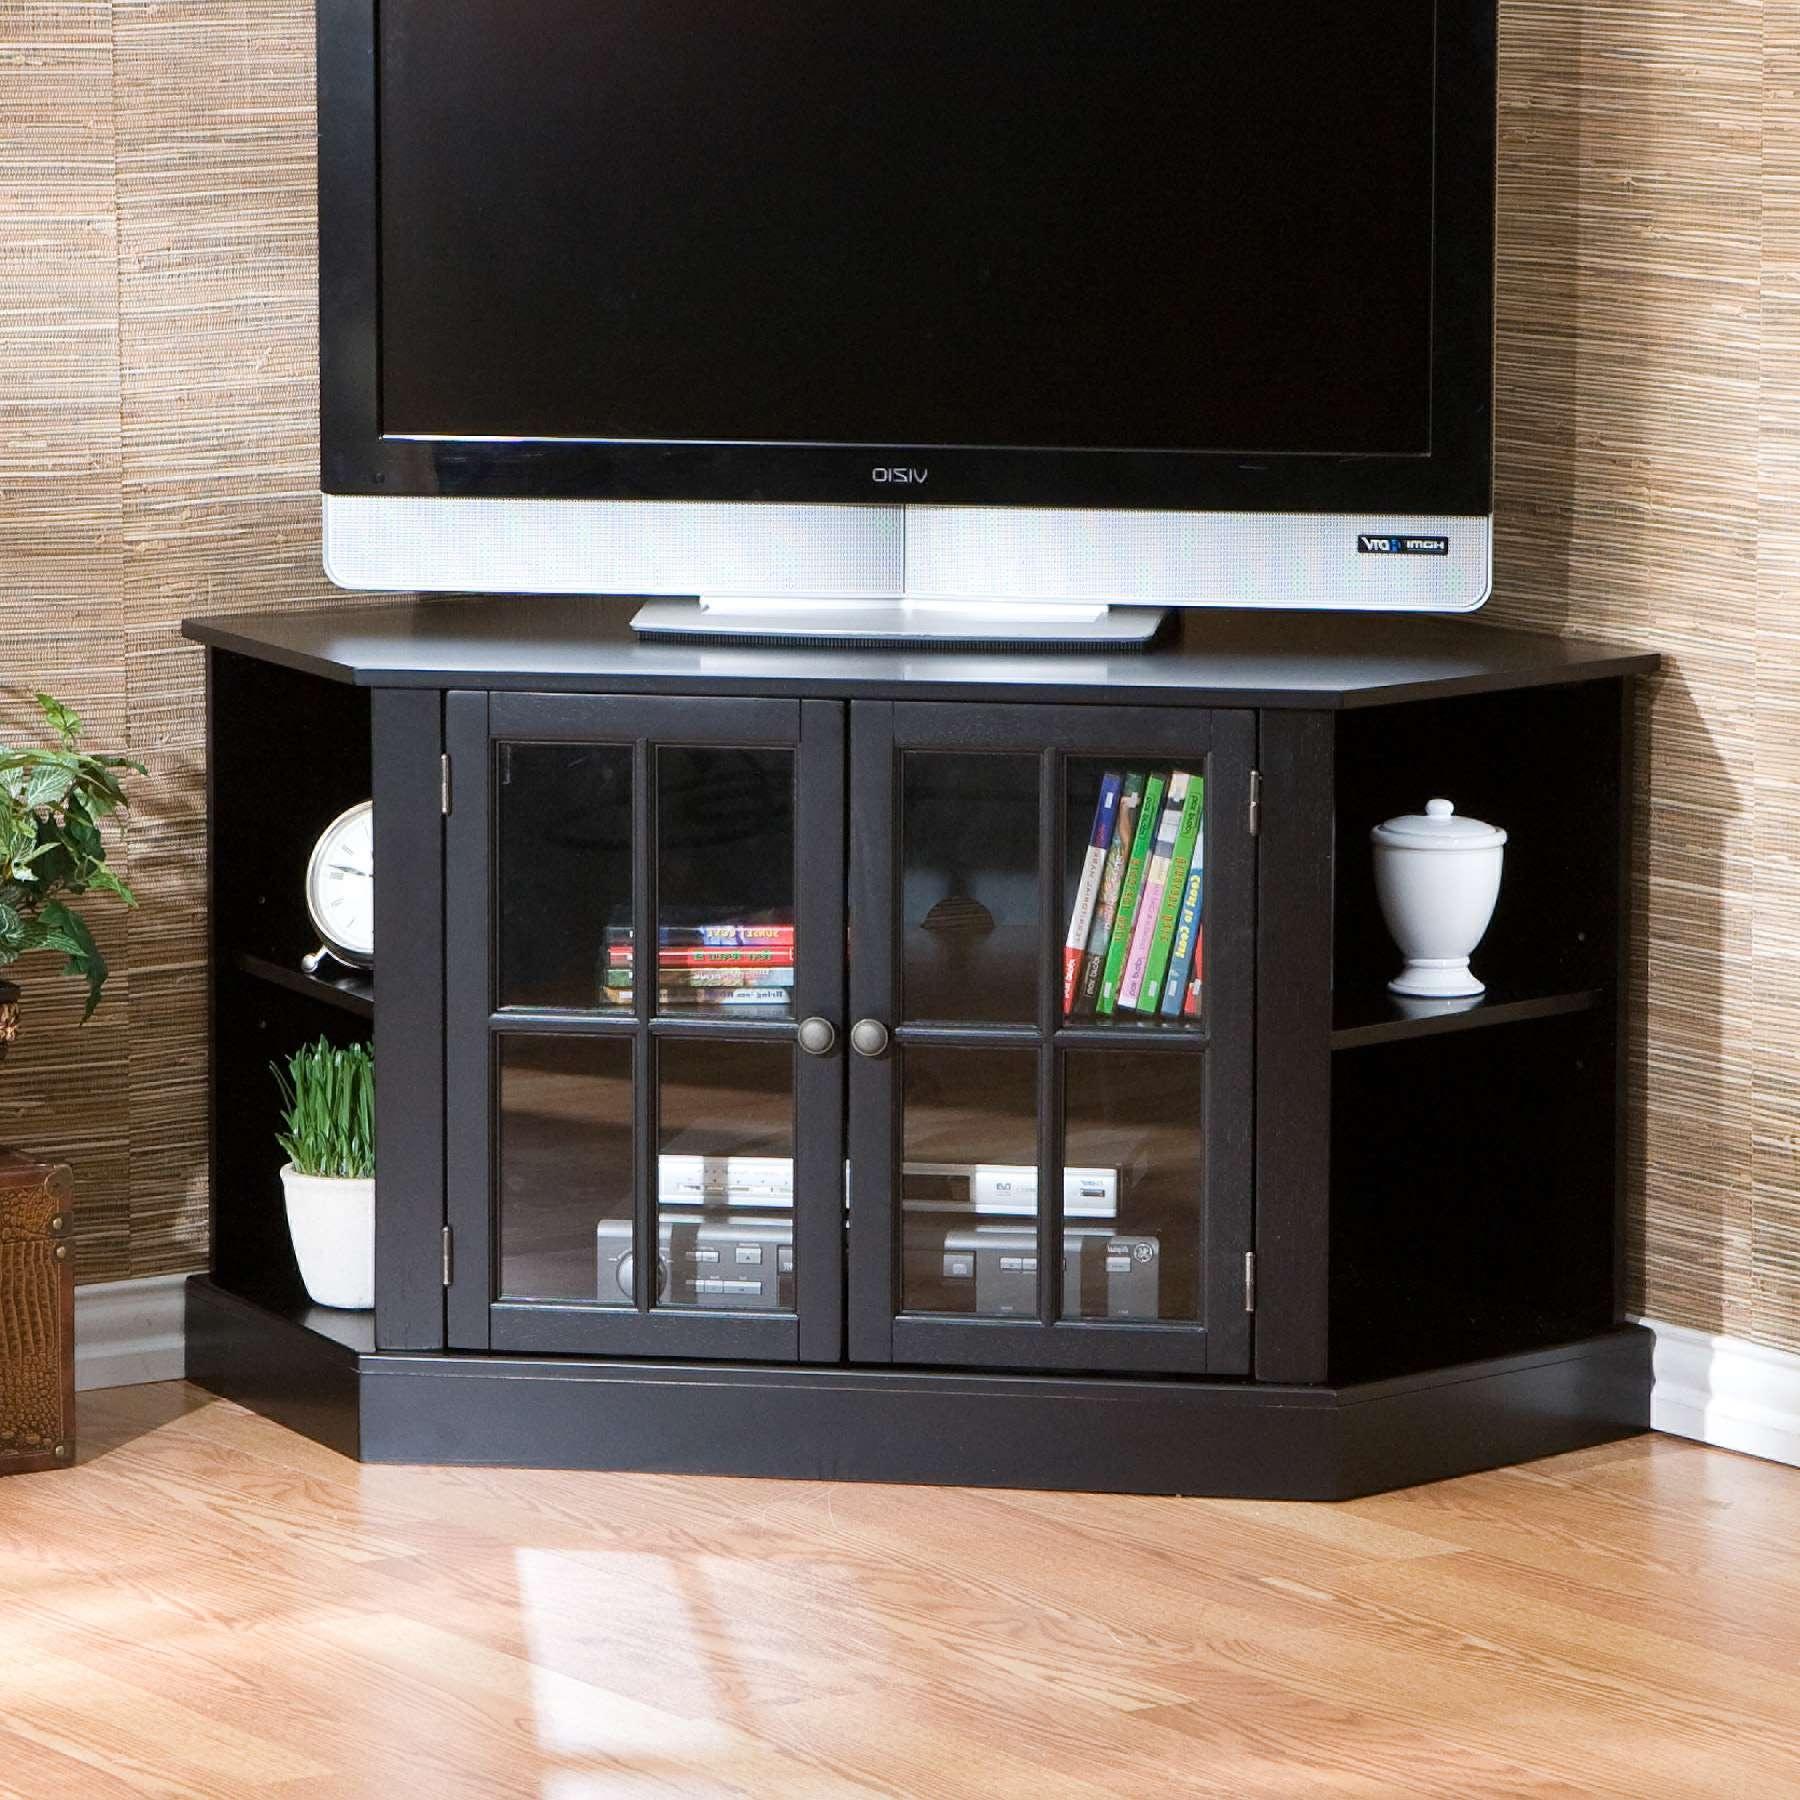 Ms9772 Media Cabinet With Doors To Hide Tv Hidden Cabinets For With Black Tv Cabinets With Doors (View 13 of 20)